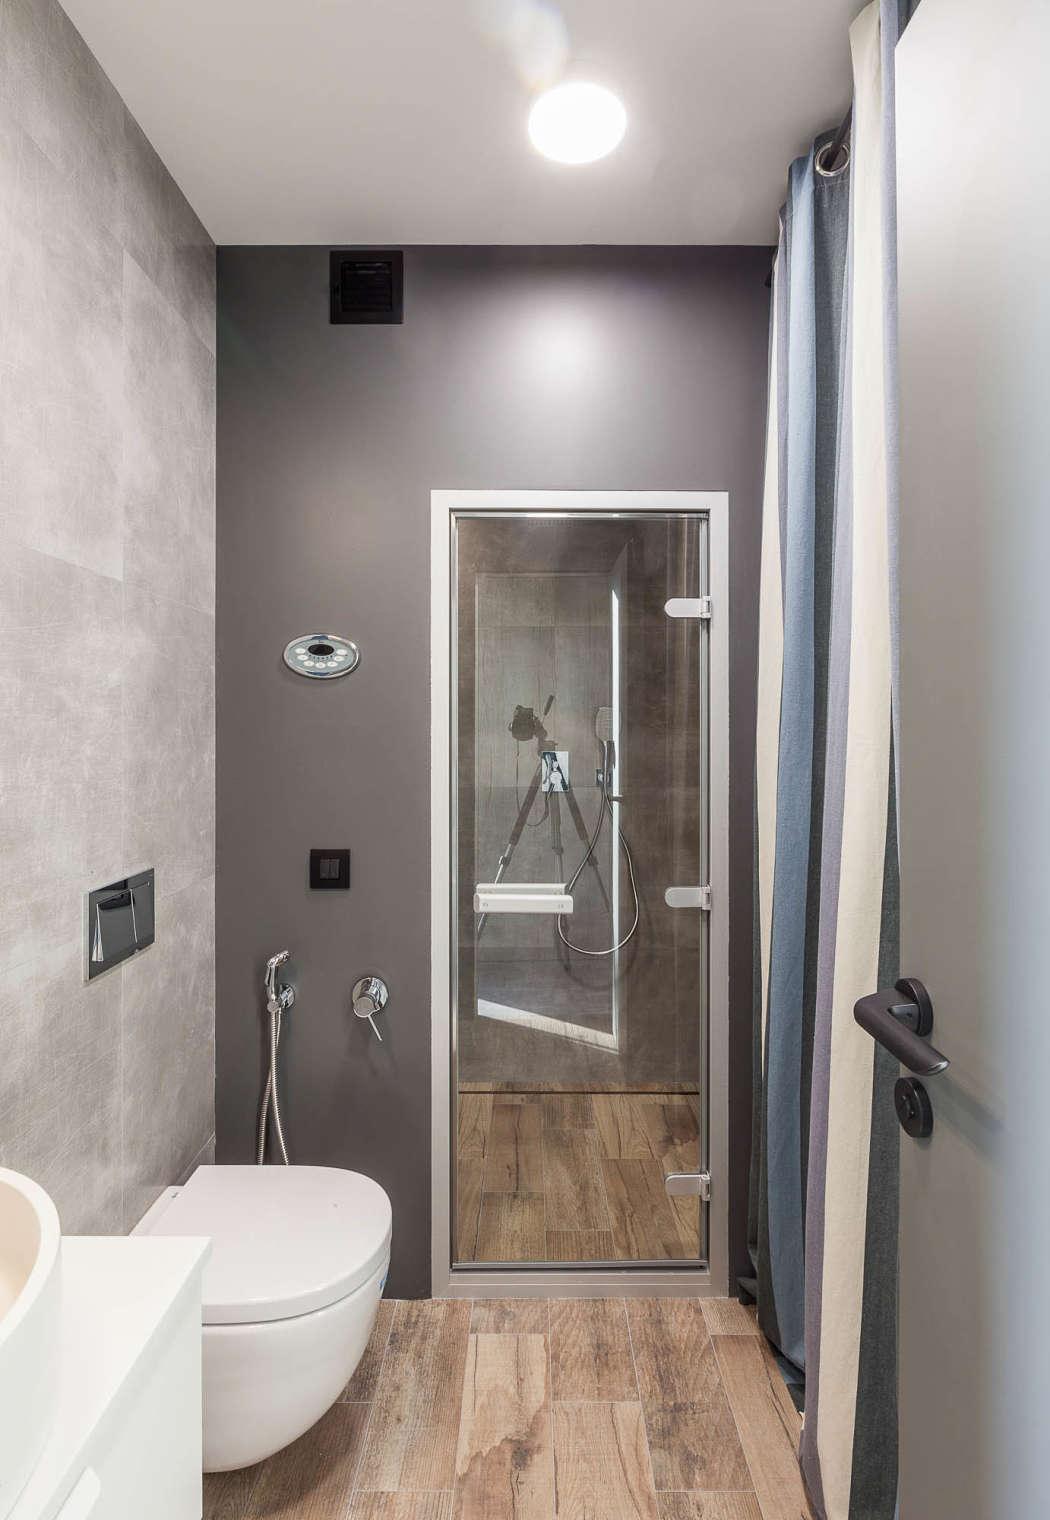 houtlook pvc vloer badkamer